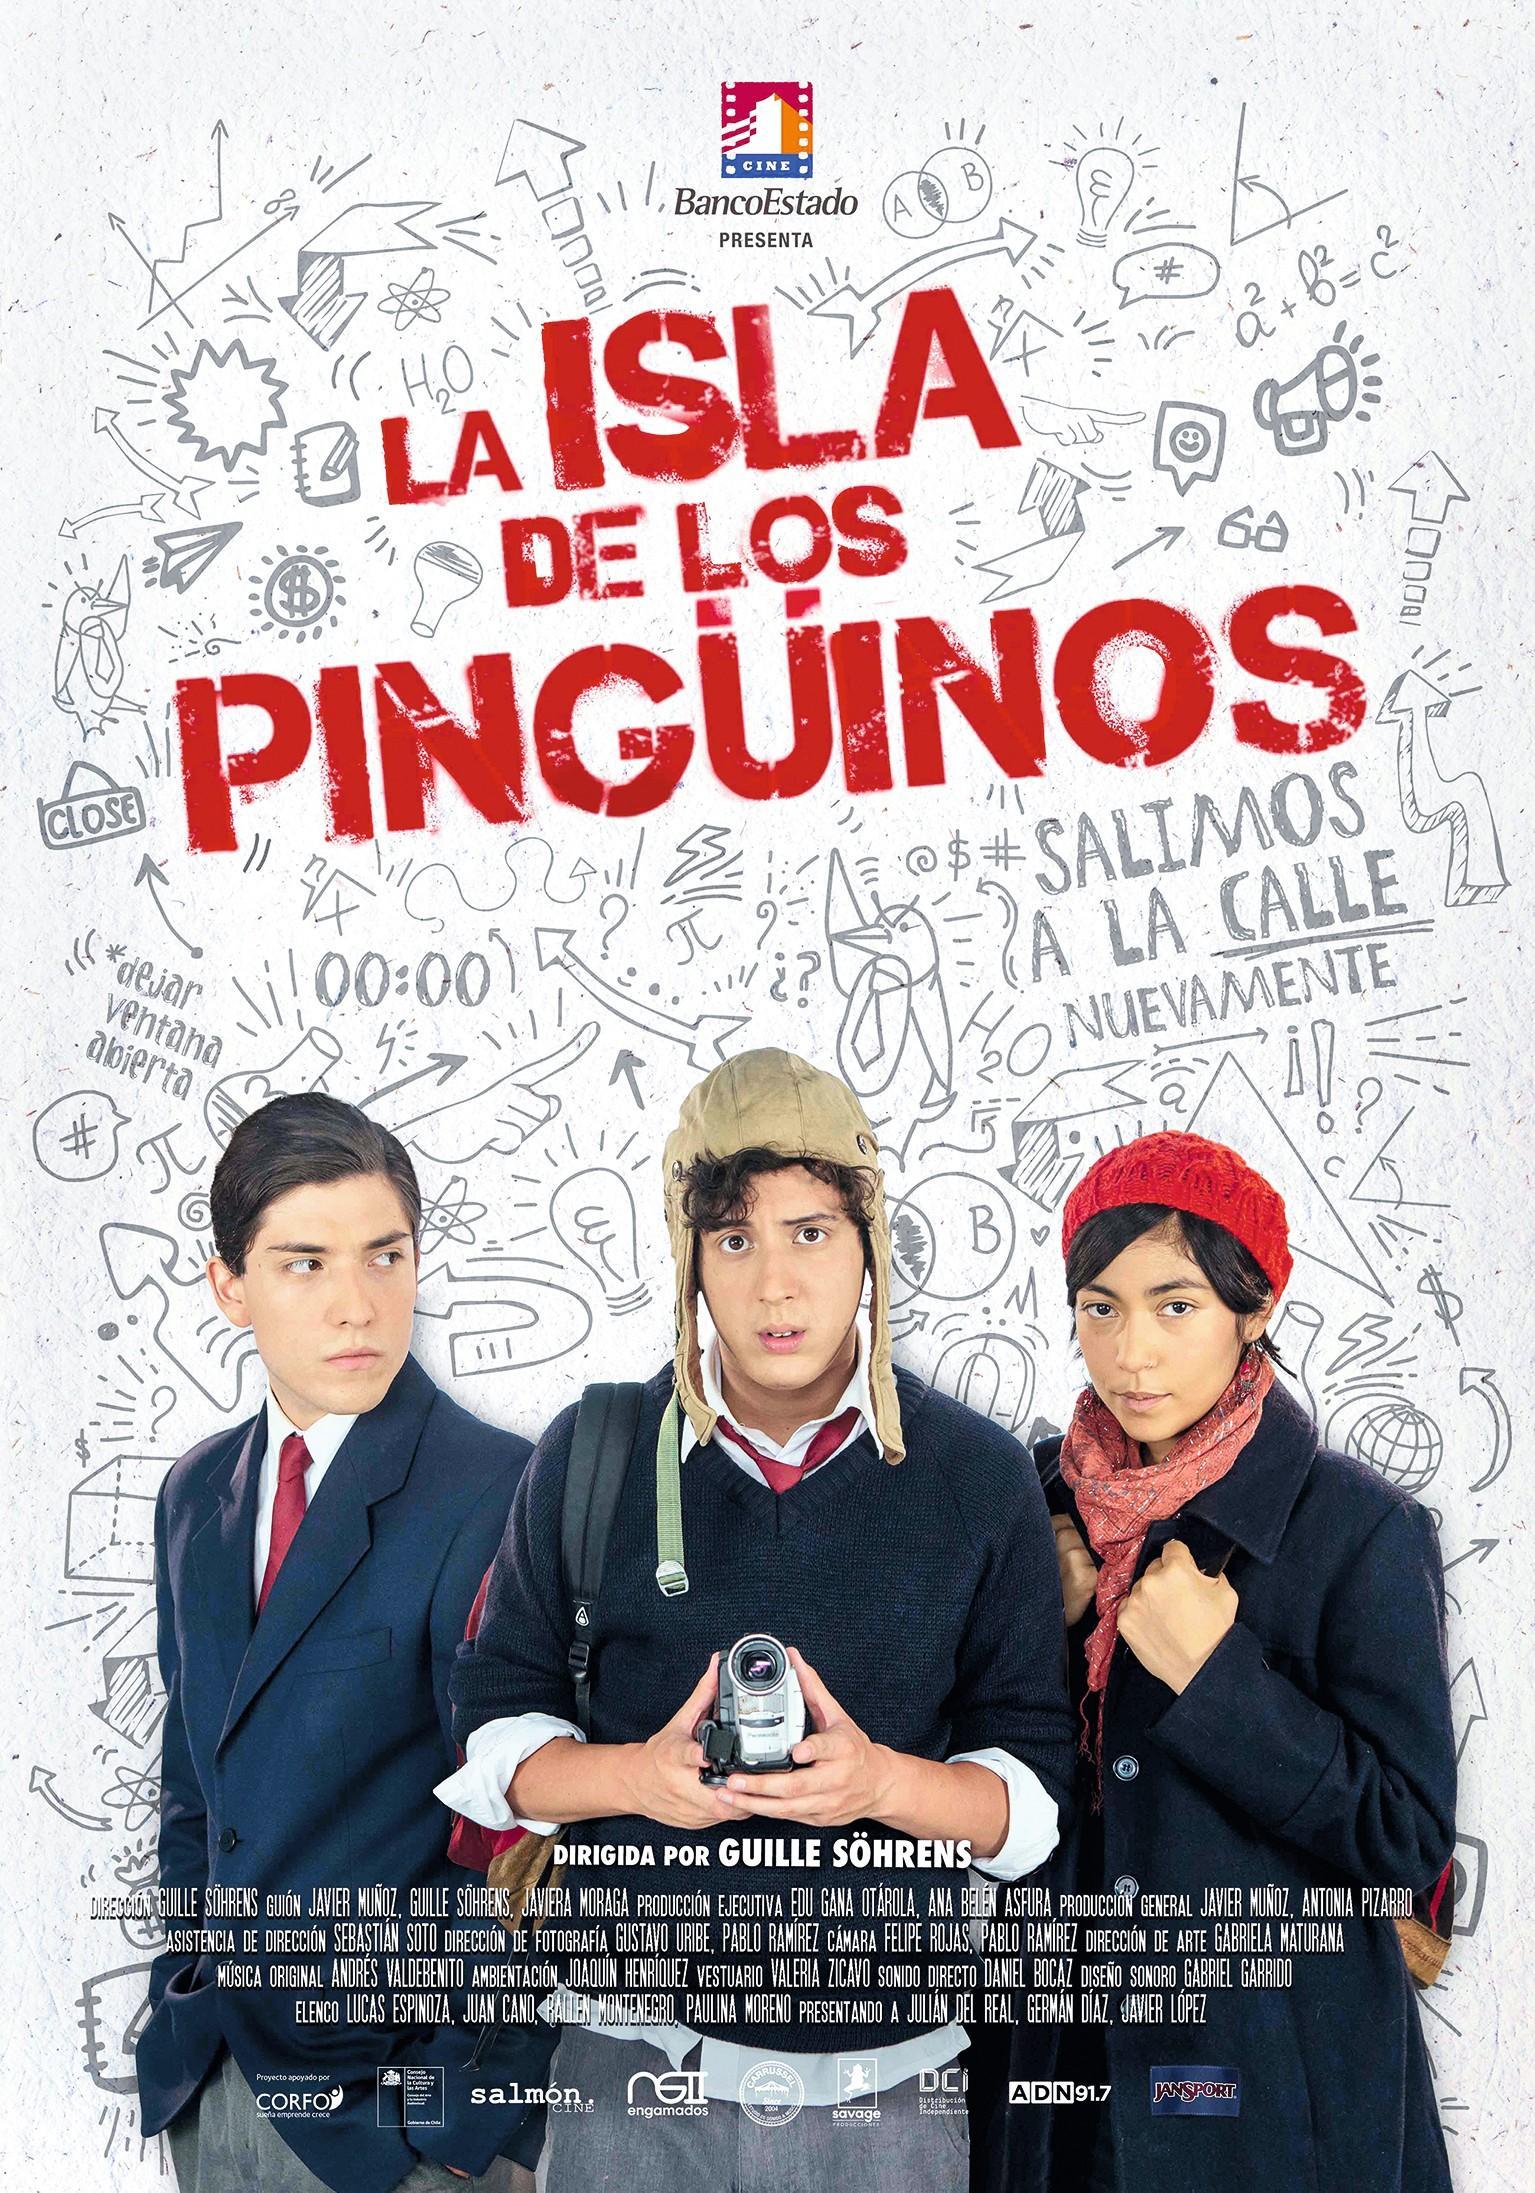 Cartel de la película La Isla de los pingüinos, de Guille Söhrens, 2017.